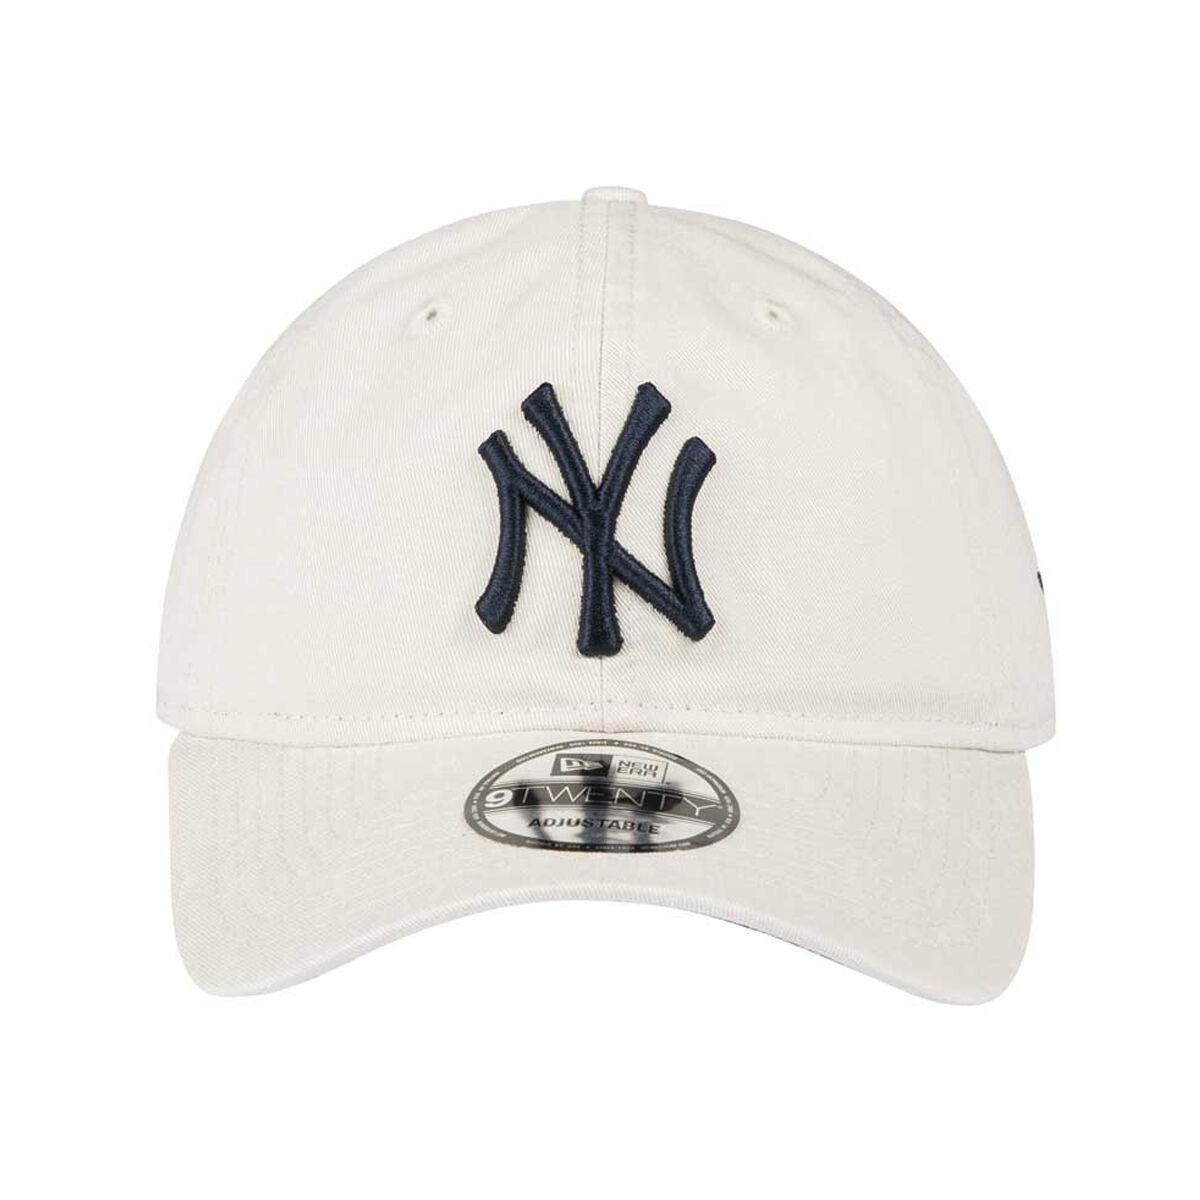 ... hat 0255f canada new york yankees new era 9twenty cap rebelhi res 341fb  5d9f4 ... c87eefe3e34